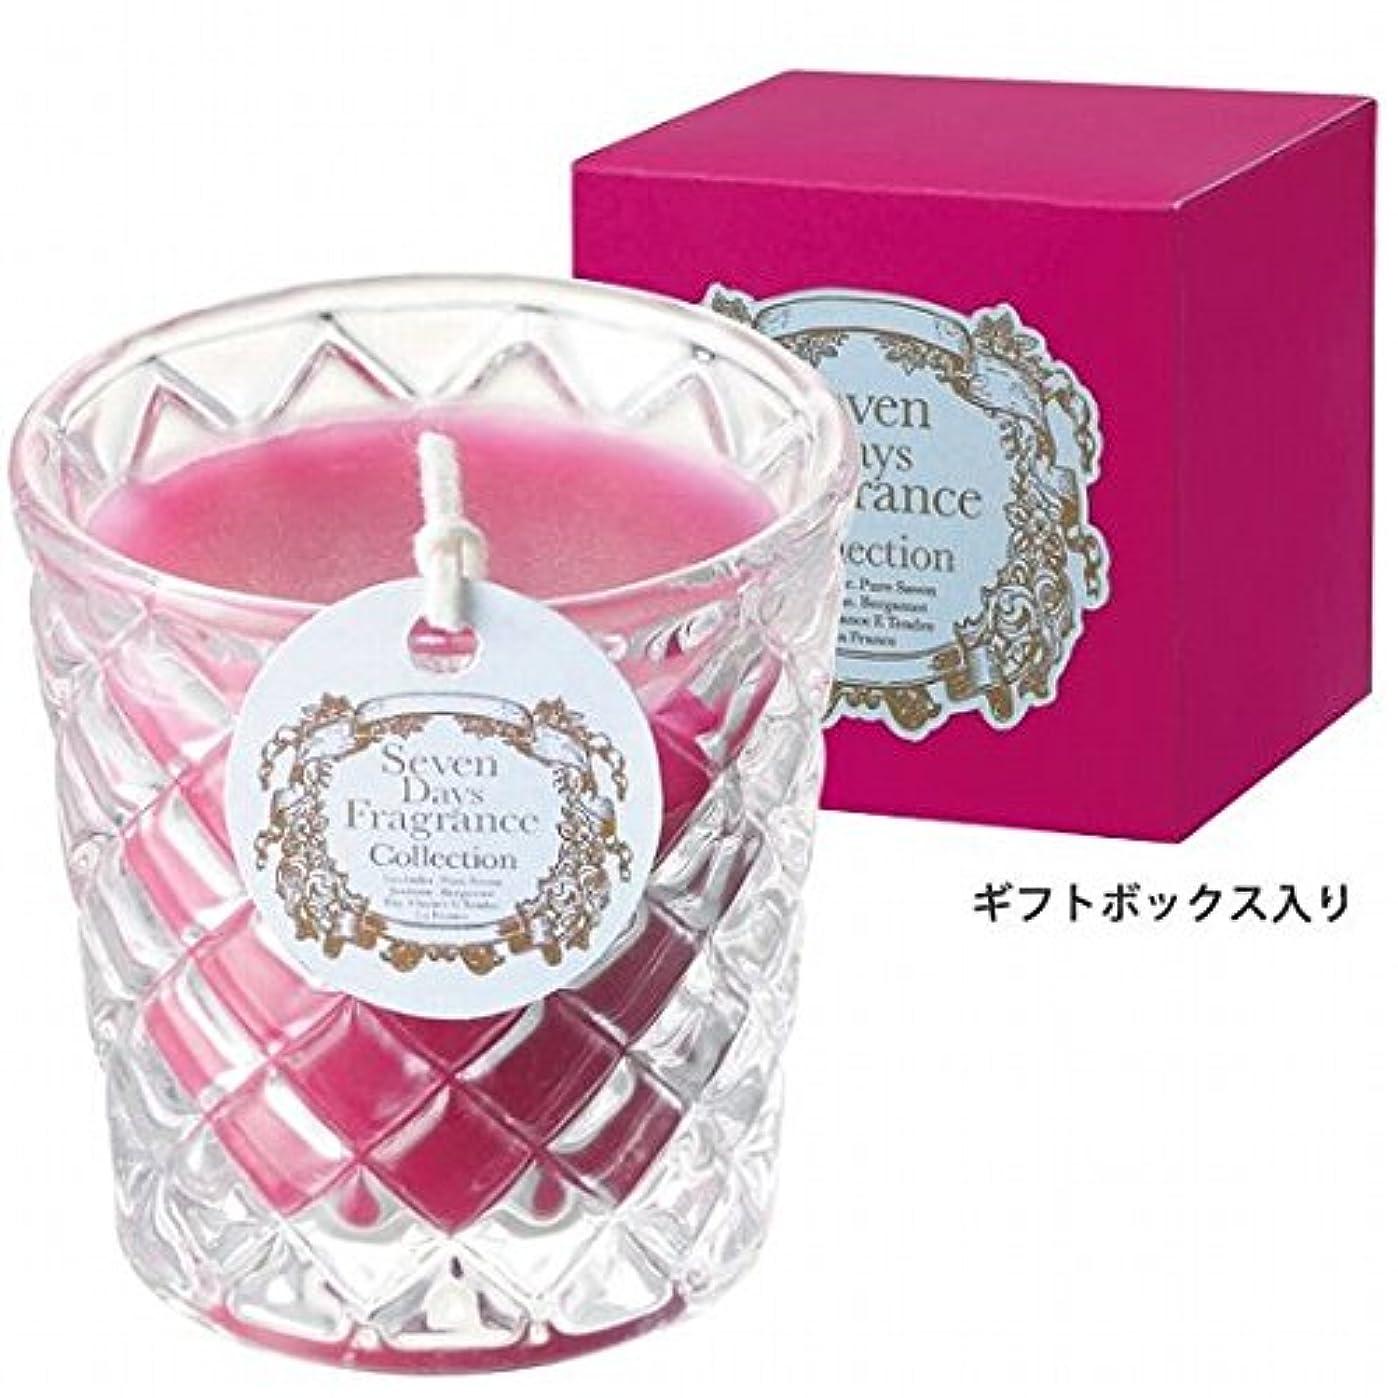 レベルイライラする朝カメヤマキャンドル( kameyama candle ) セブンデイズグラスキャンドル(木曜日) 「 フィグ 」